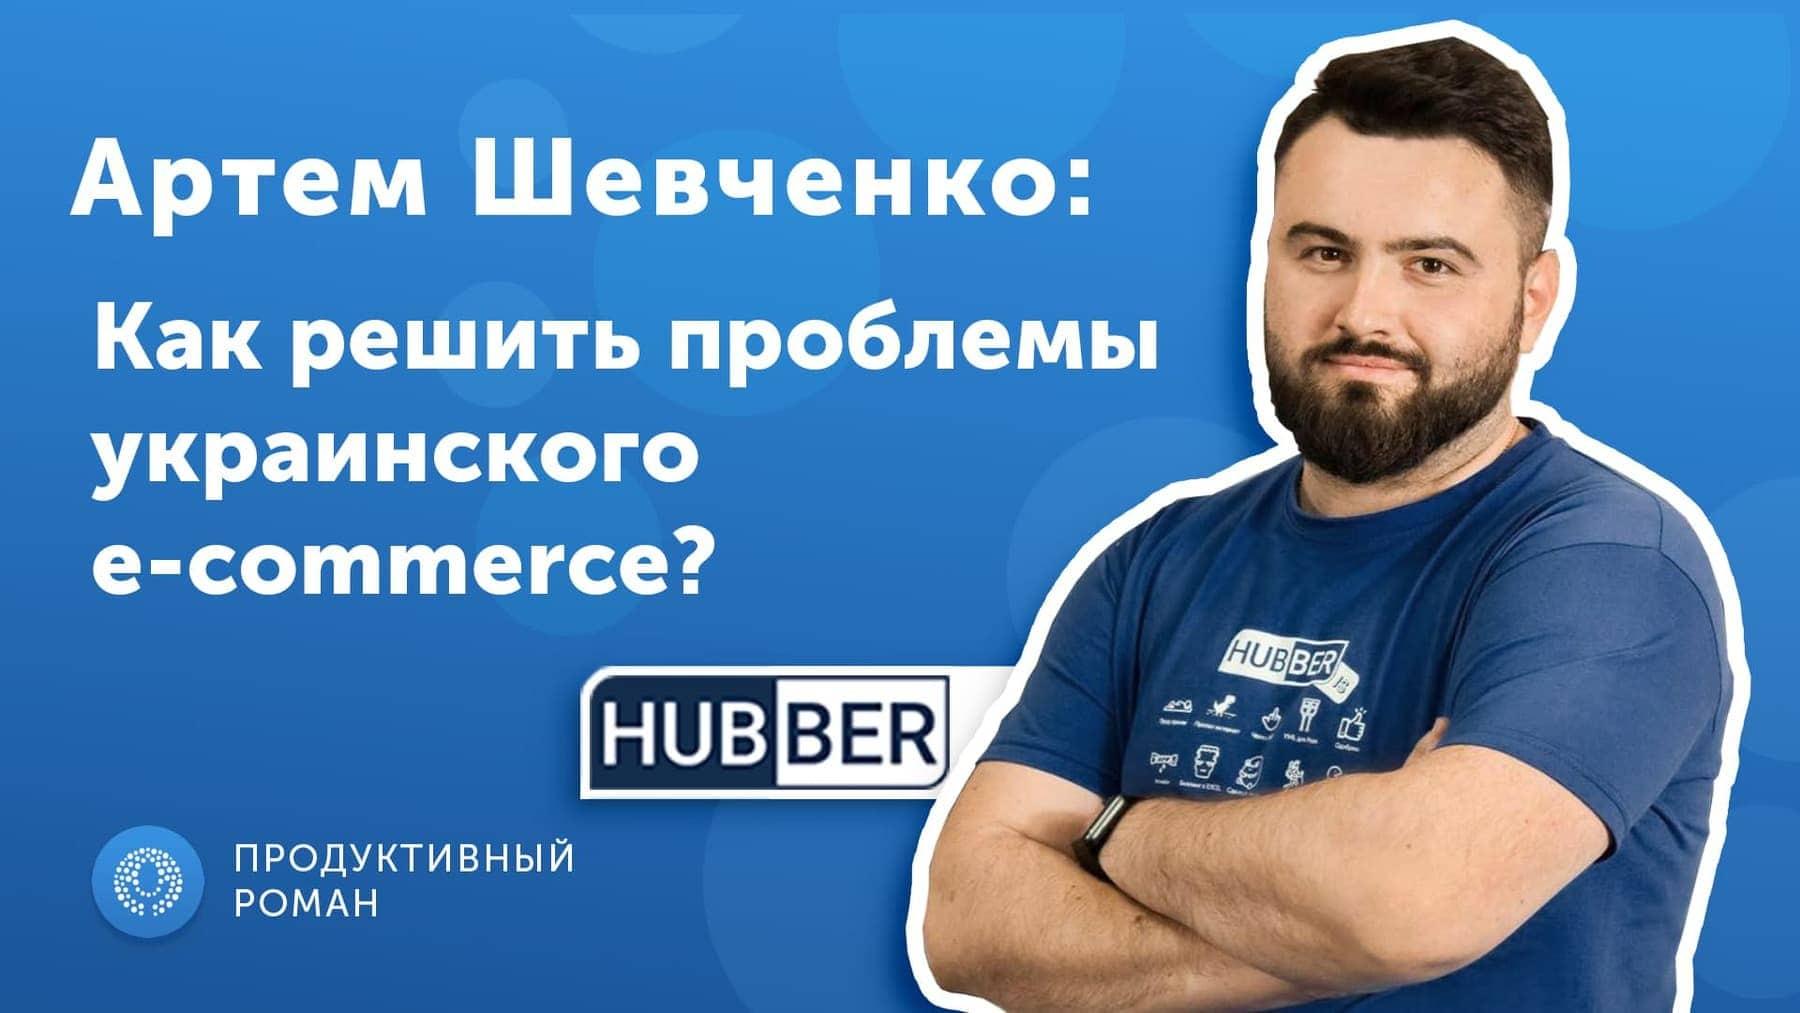 Артем Шевченко 0885044525467